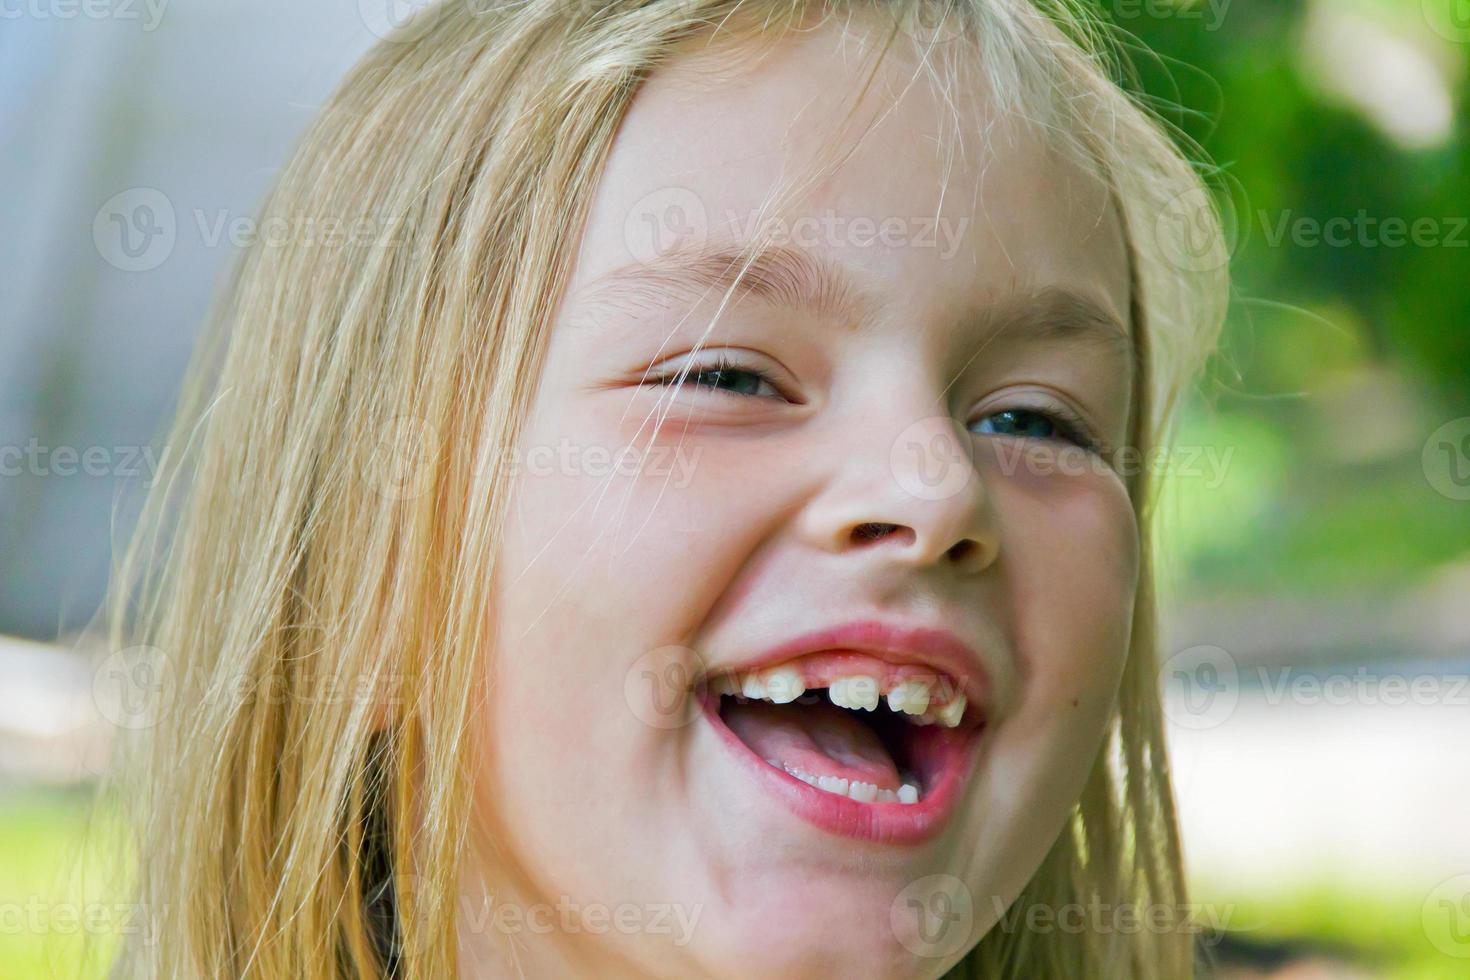 carina ragazza sorridente foto